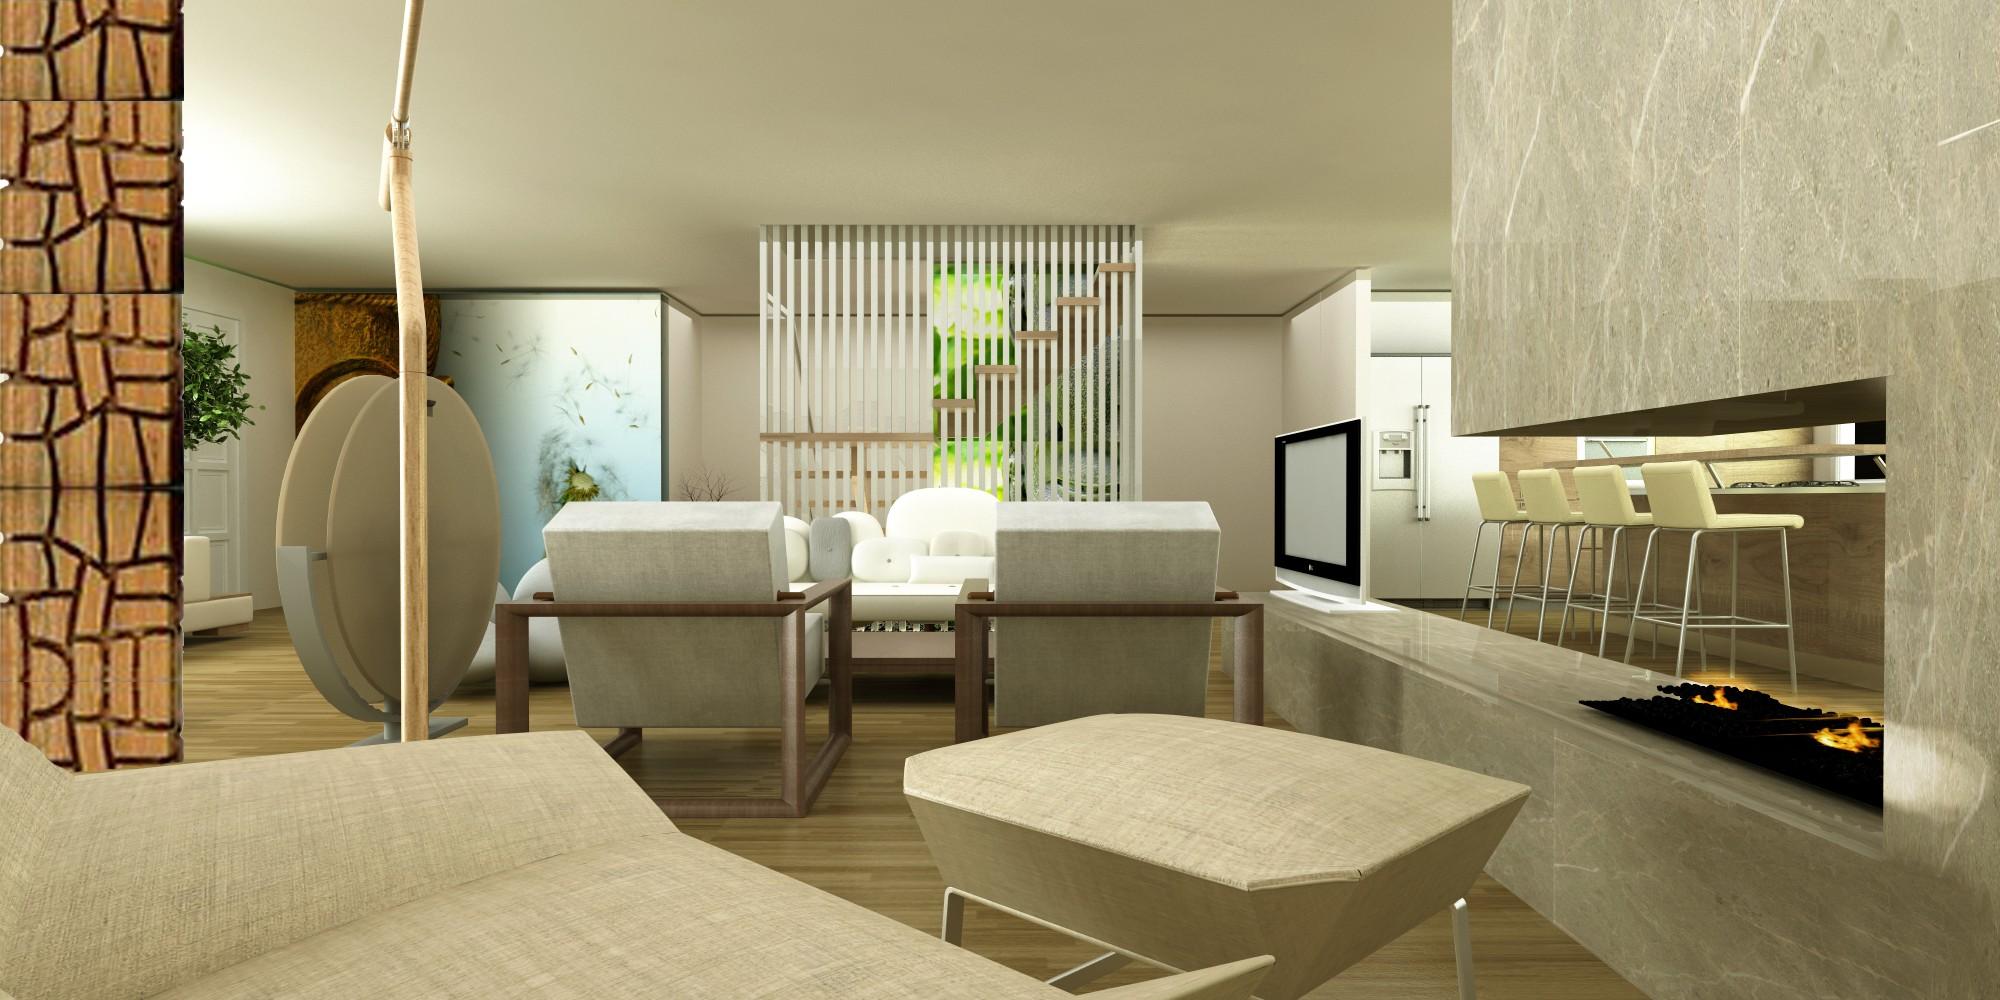 zen type living room designs  hawk haven